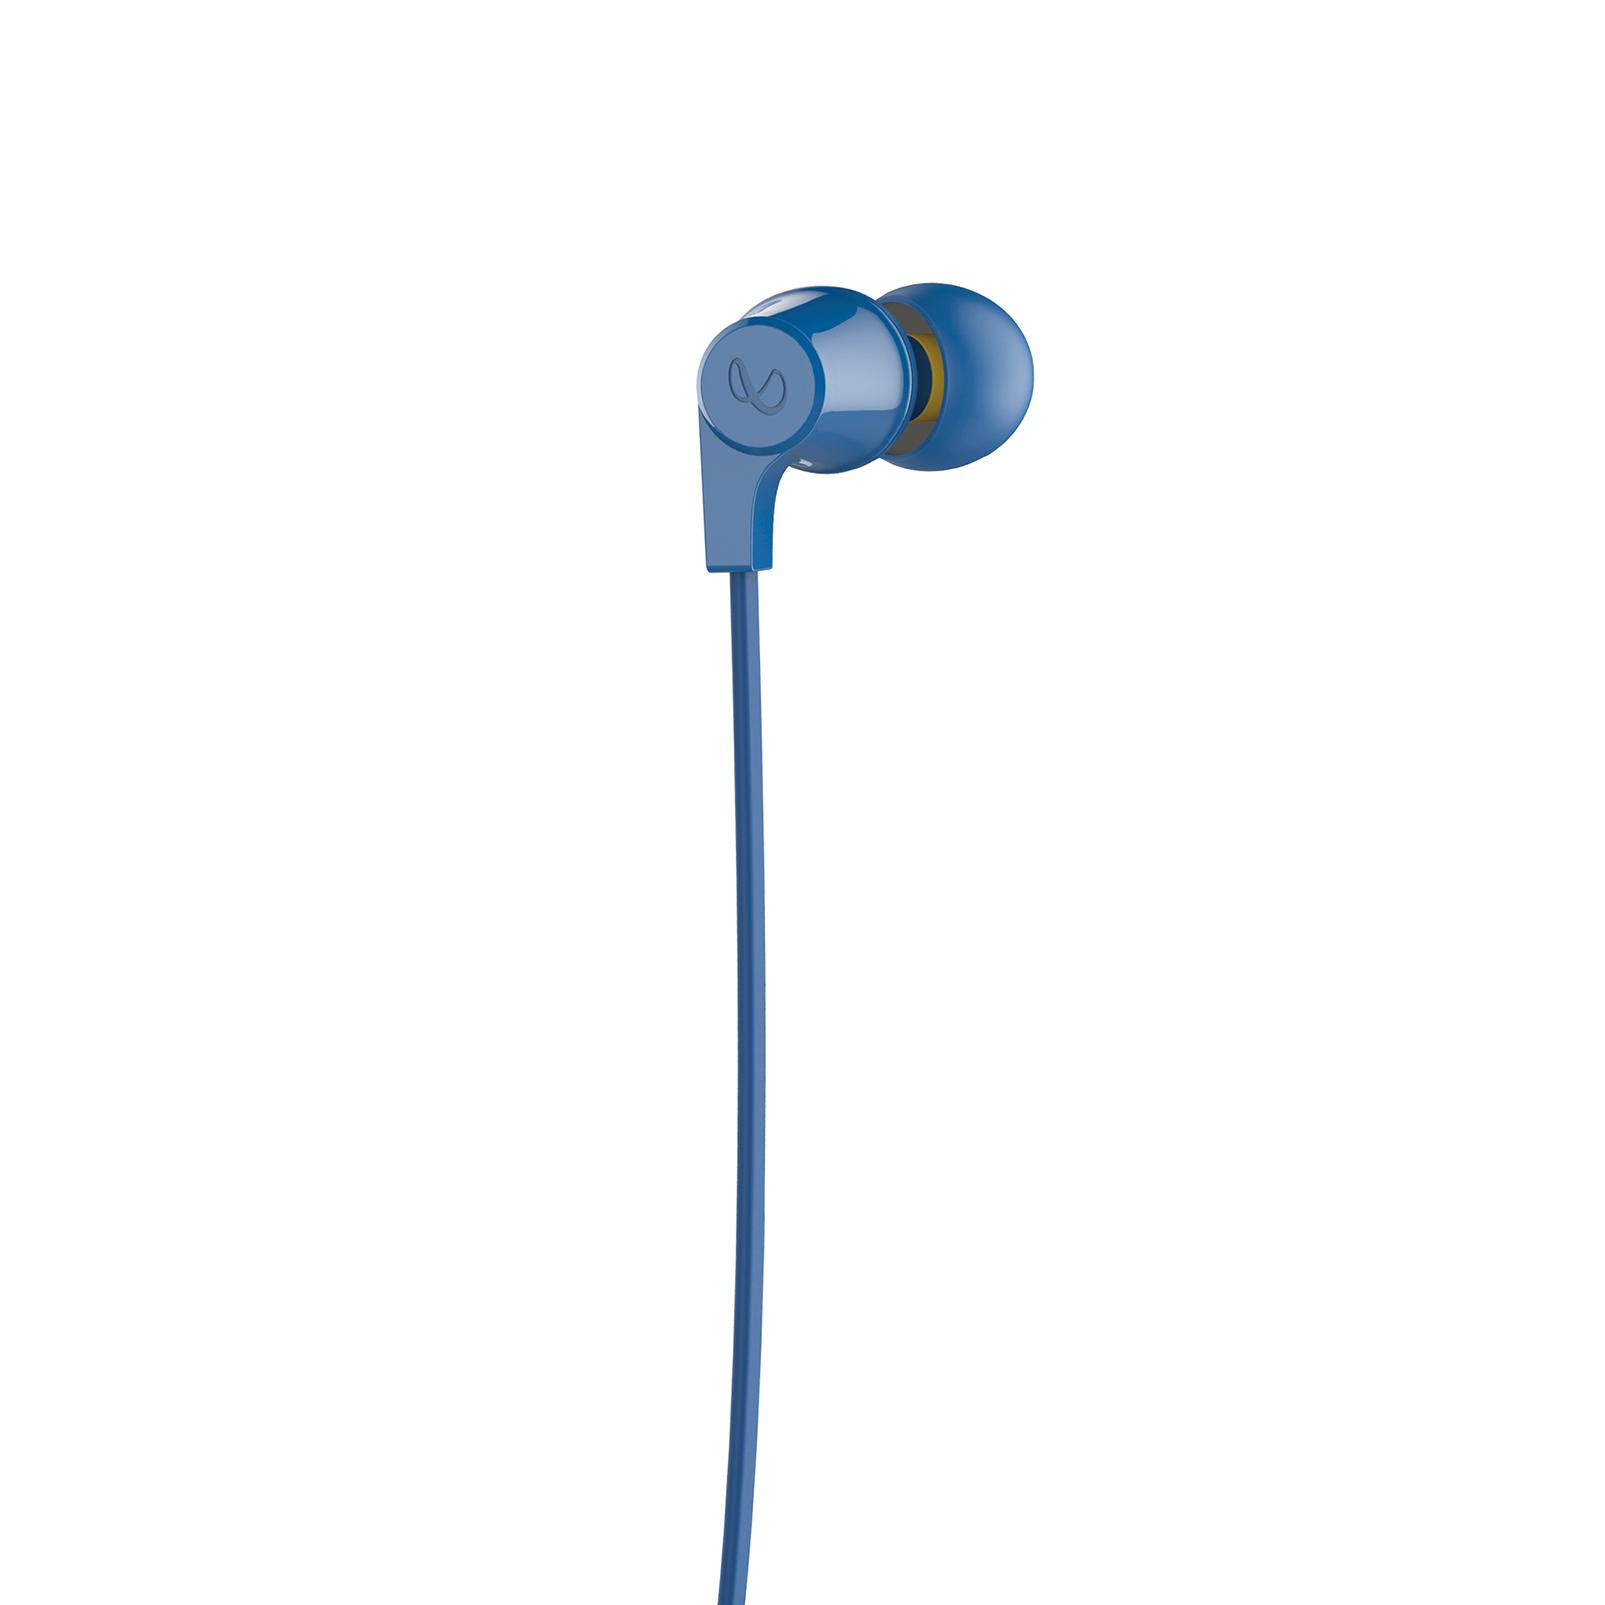 INFINITY GLIDE 105 - Blue - In-Ear Wireless Headphones - Back